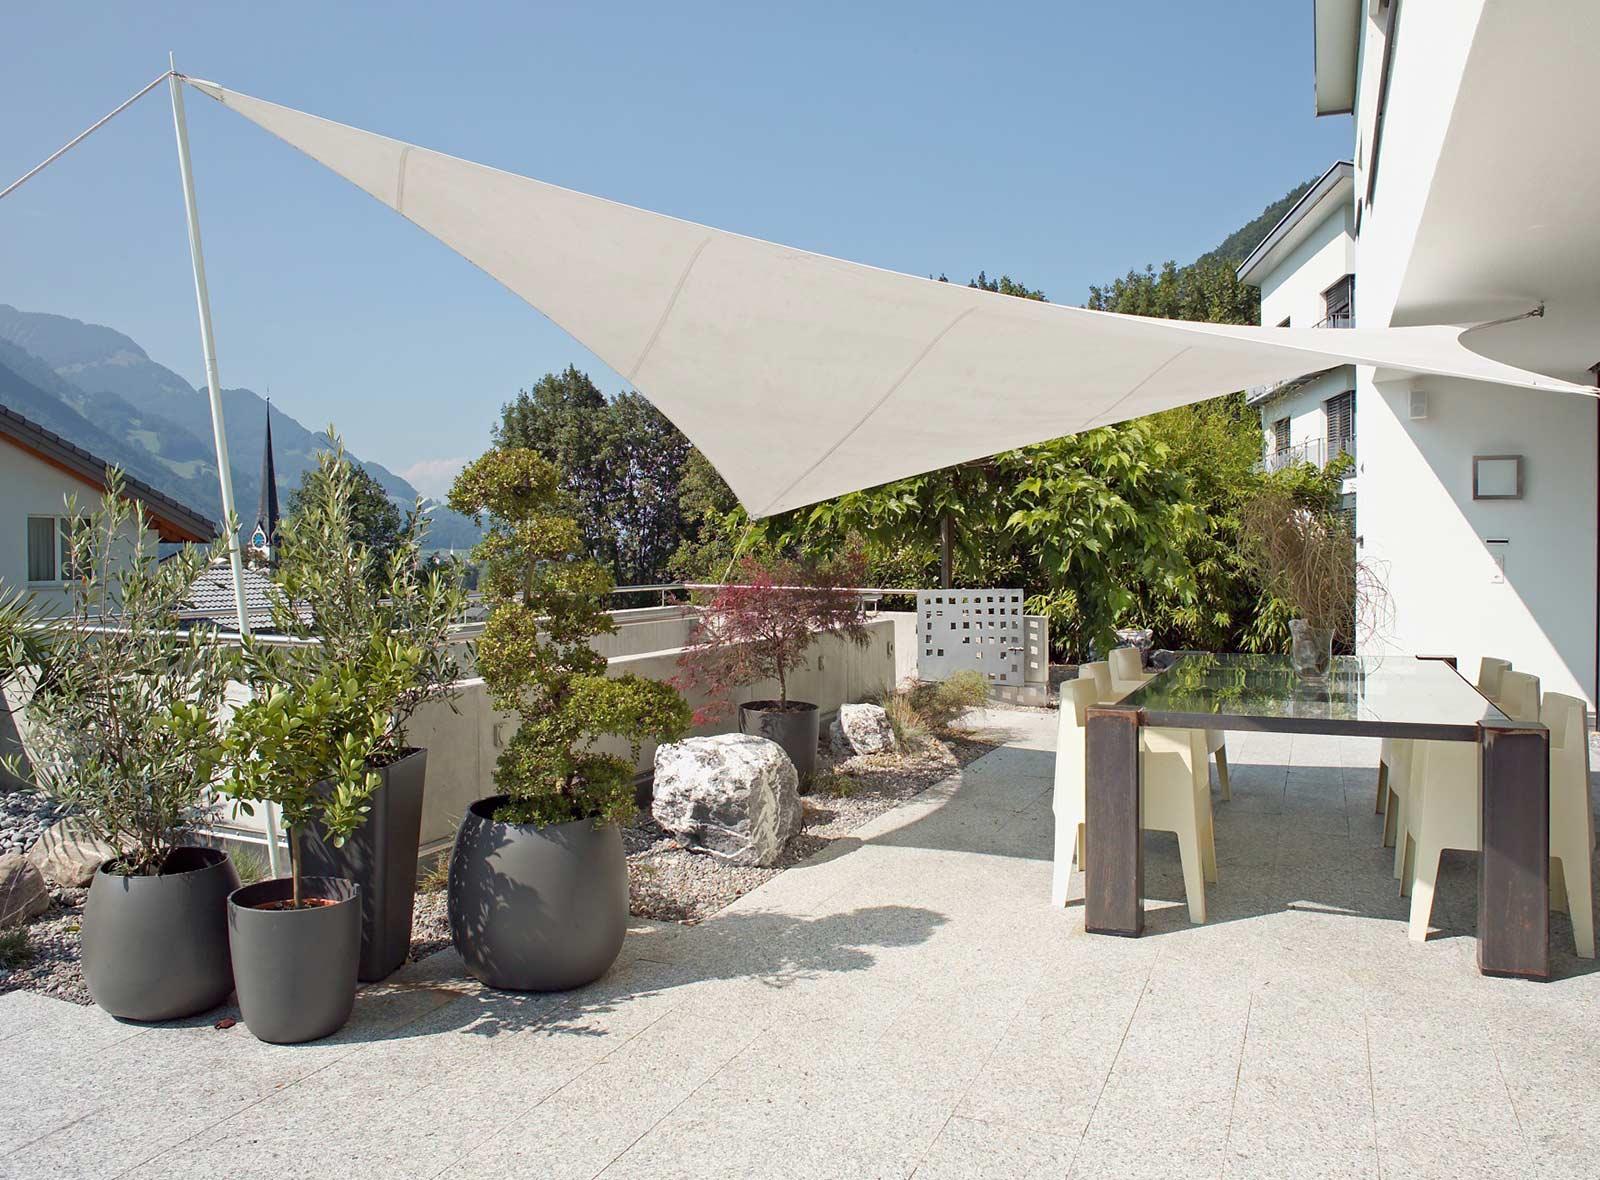 Faszinierend Garten Terrasse Beste Wahl Sumo Toepfe Von Eternit